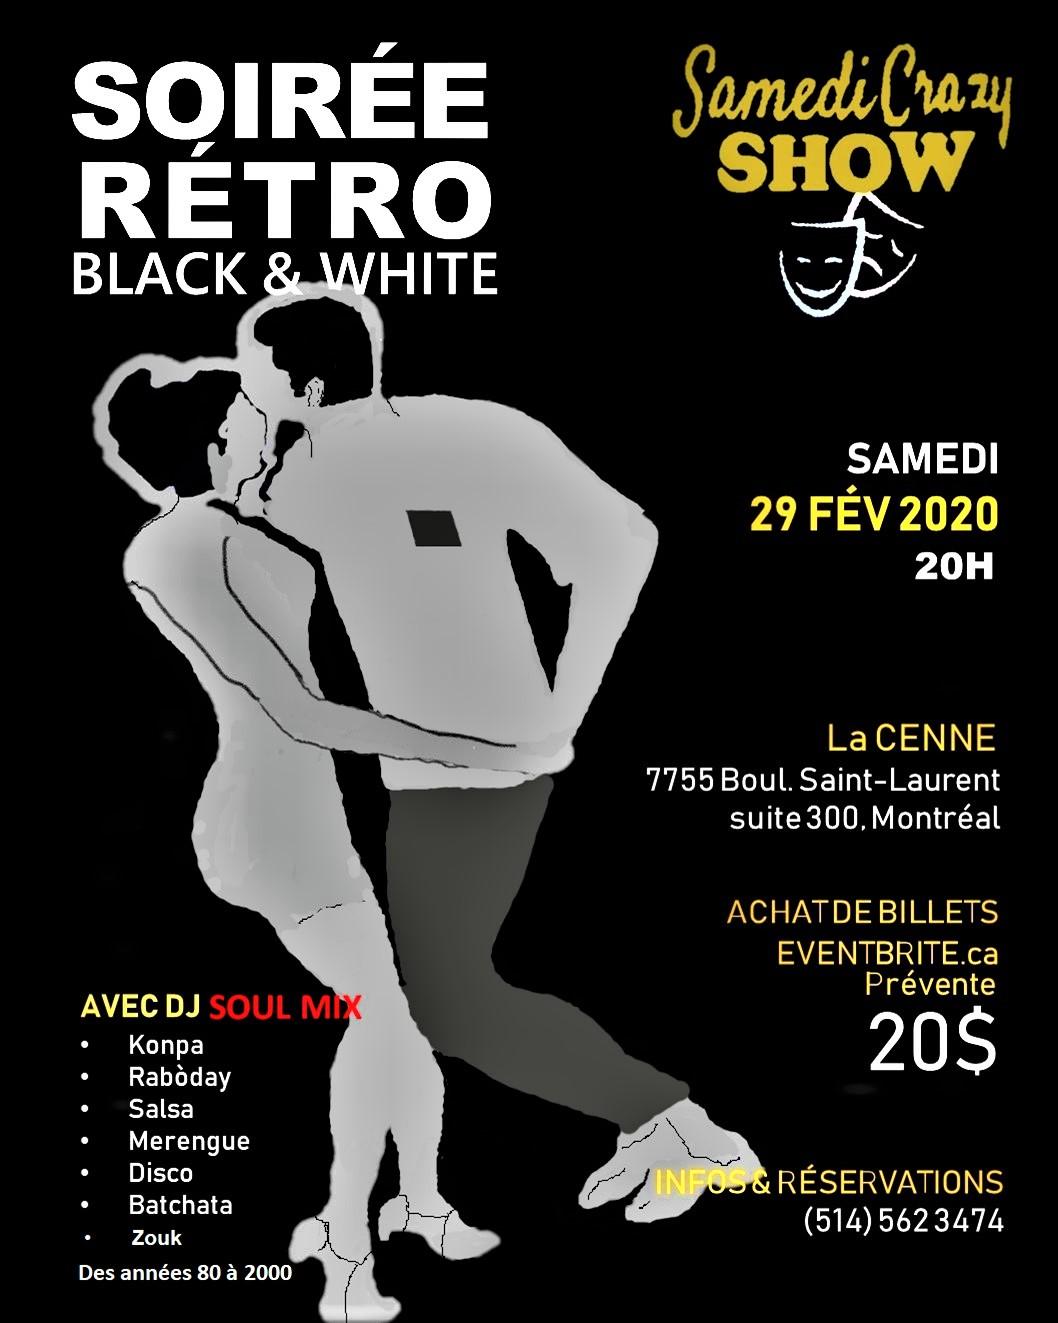 Soirée Rétro Black & White